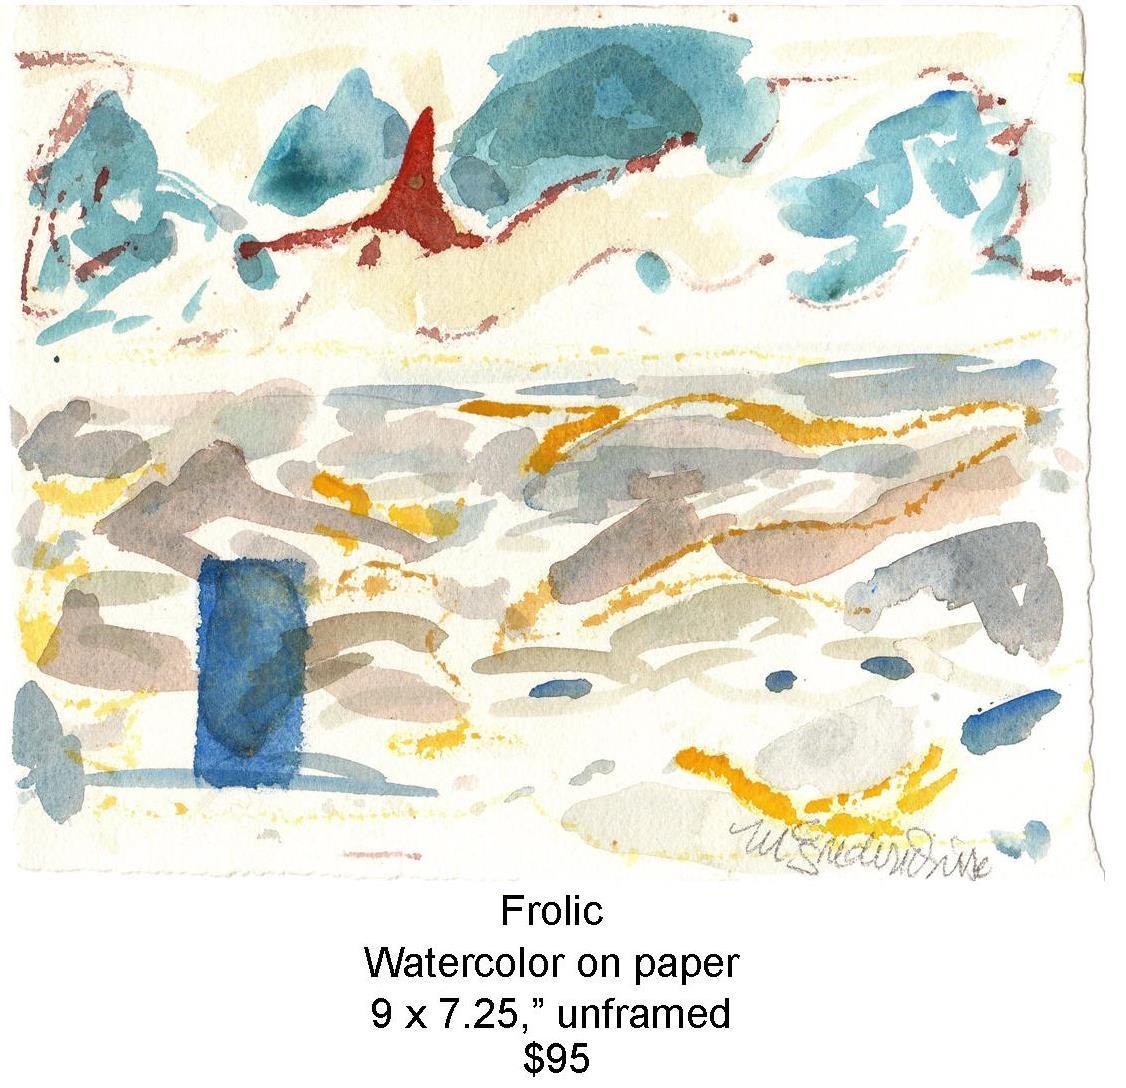 Fred Wise, Frolic. Watercolor, 9 x 7.25, 2013, web.jpg